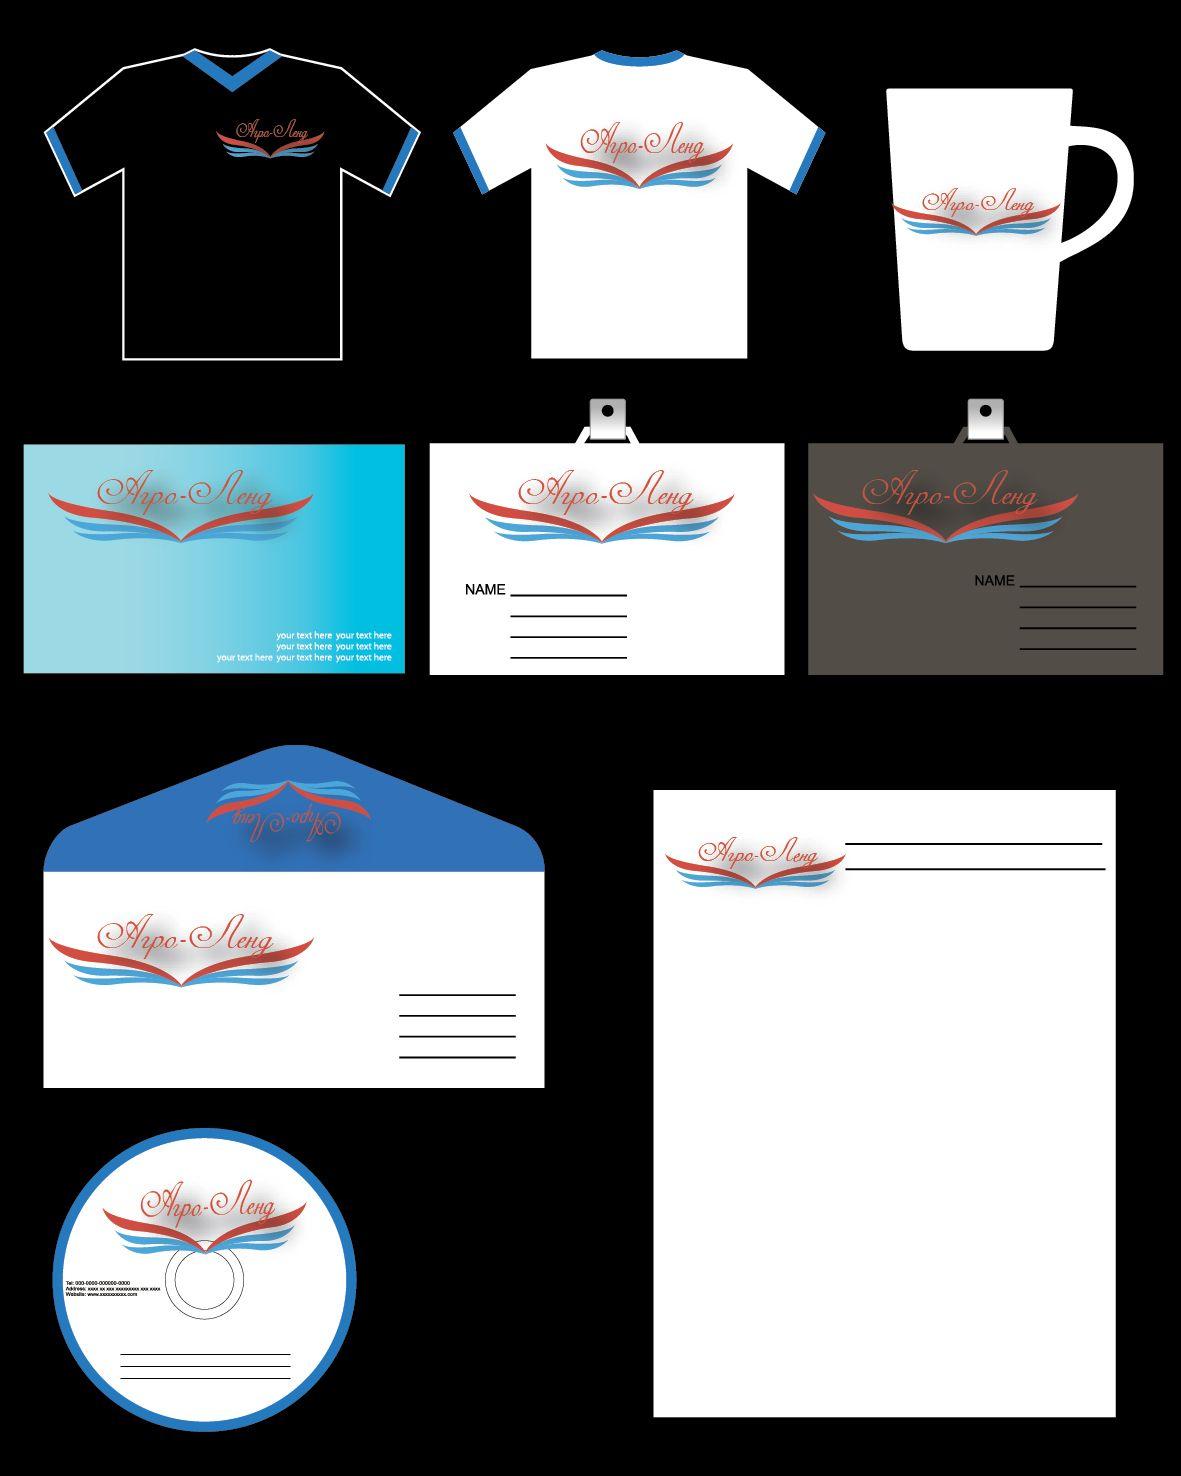 Логотип и фирменный стиль маслозавода. - дизайнер novatora